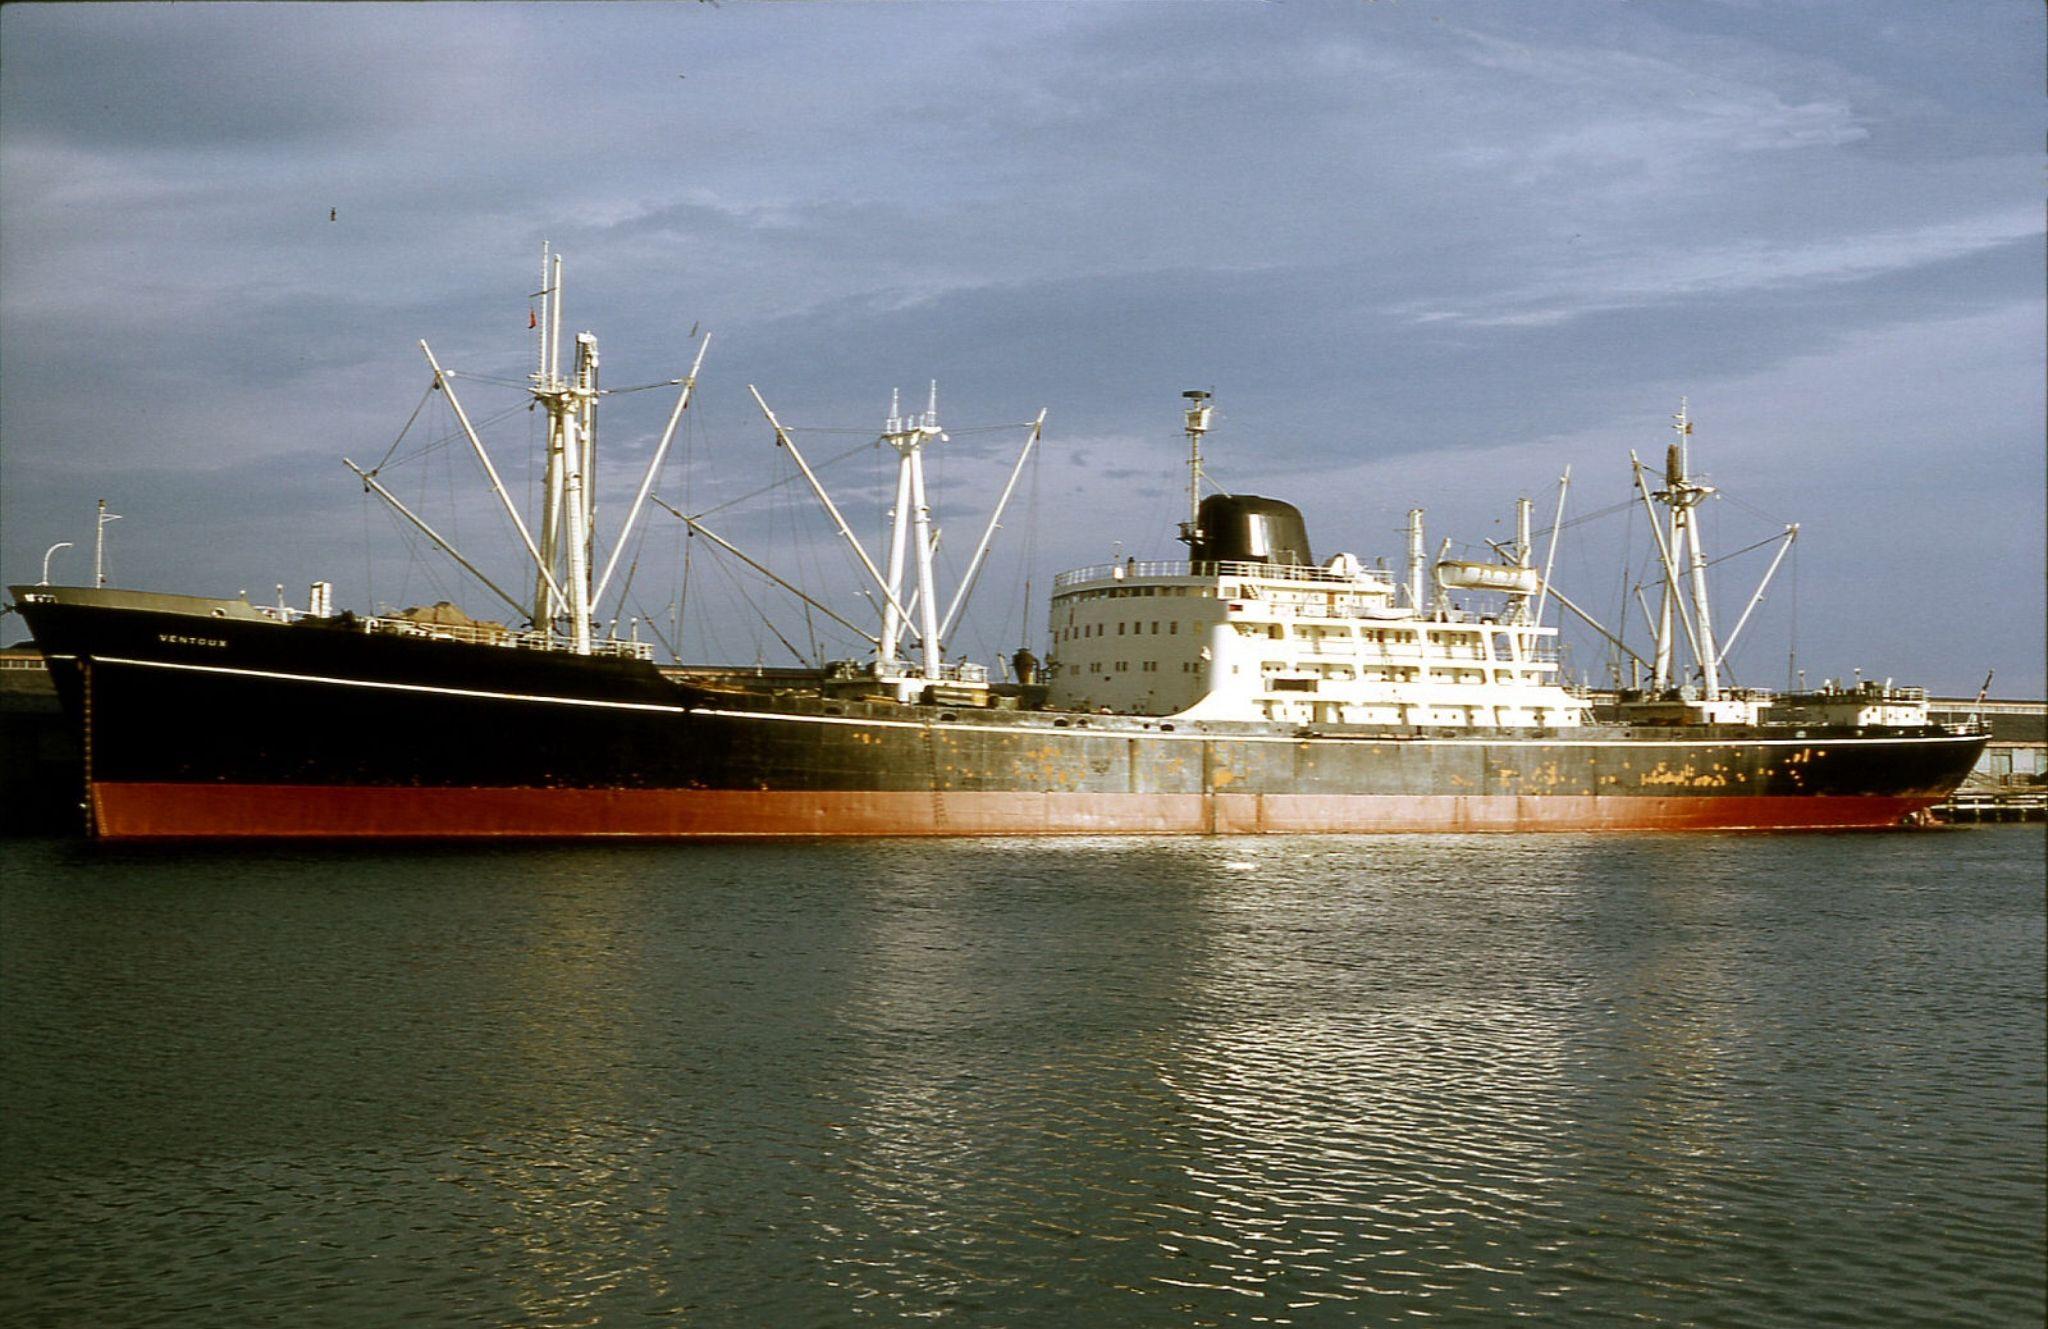 Épinglé par Francois Souchet sur Cruise & Cargo ships MM